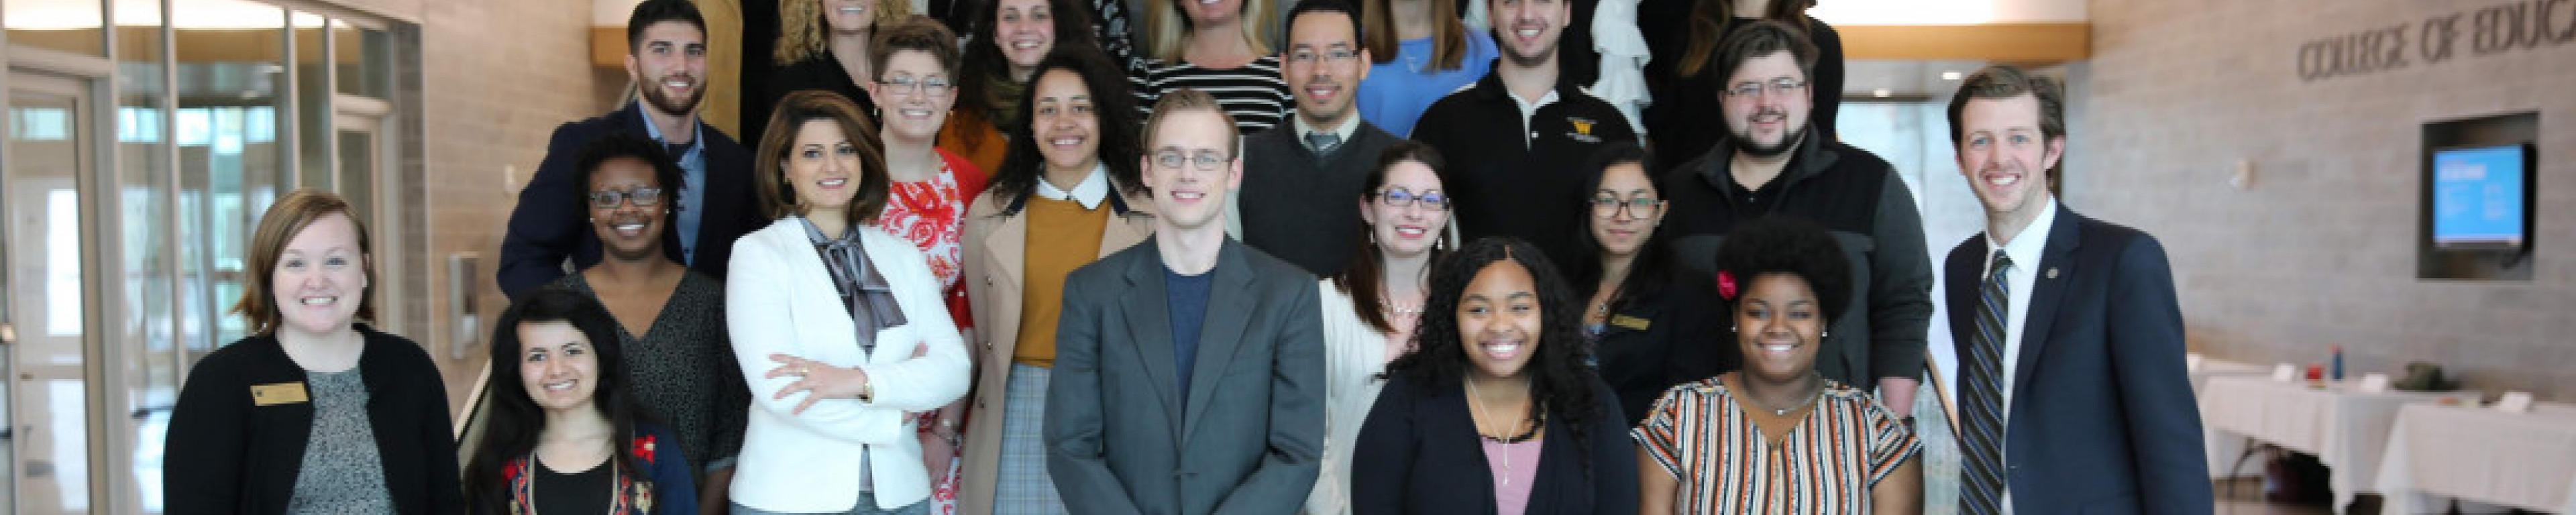 Photo of WMU Signature gradutes